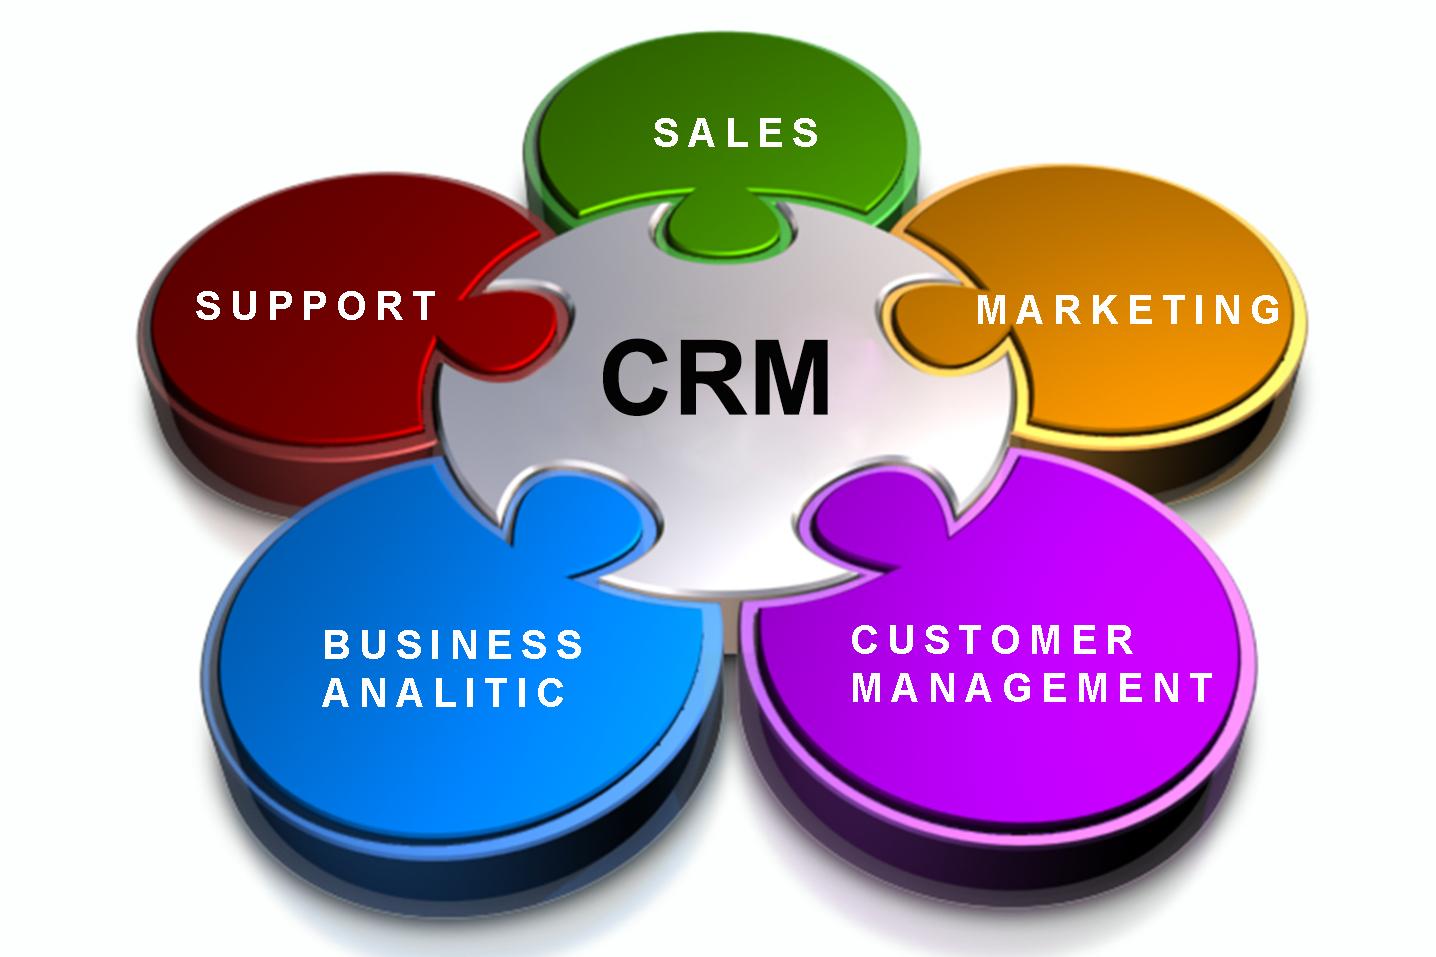 quản lý và chăm sóc khách hàng hiệu quả